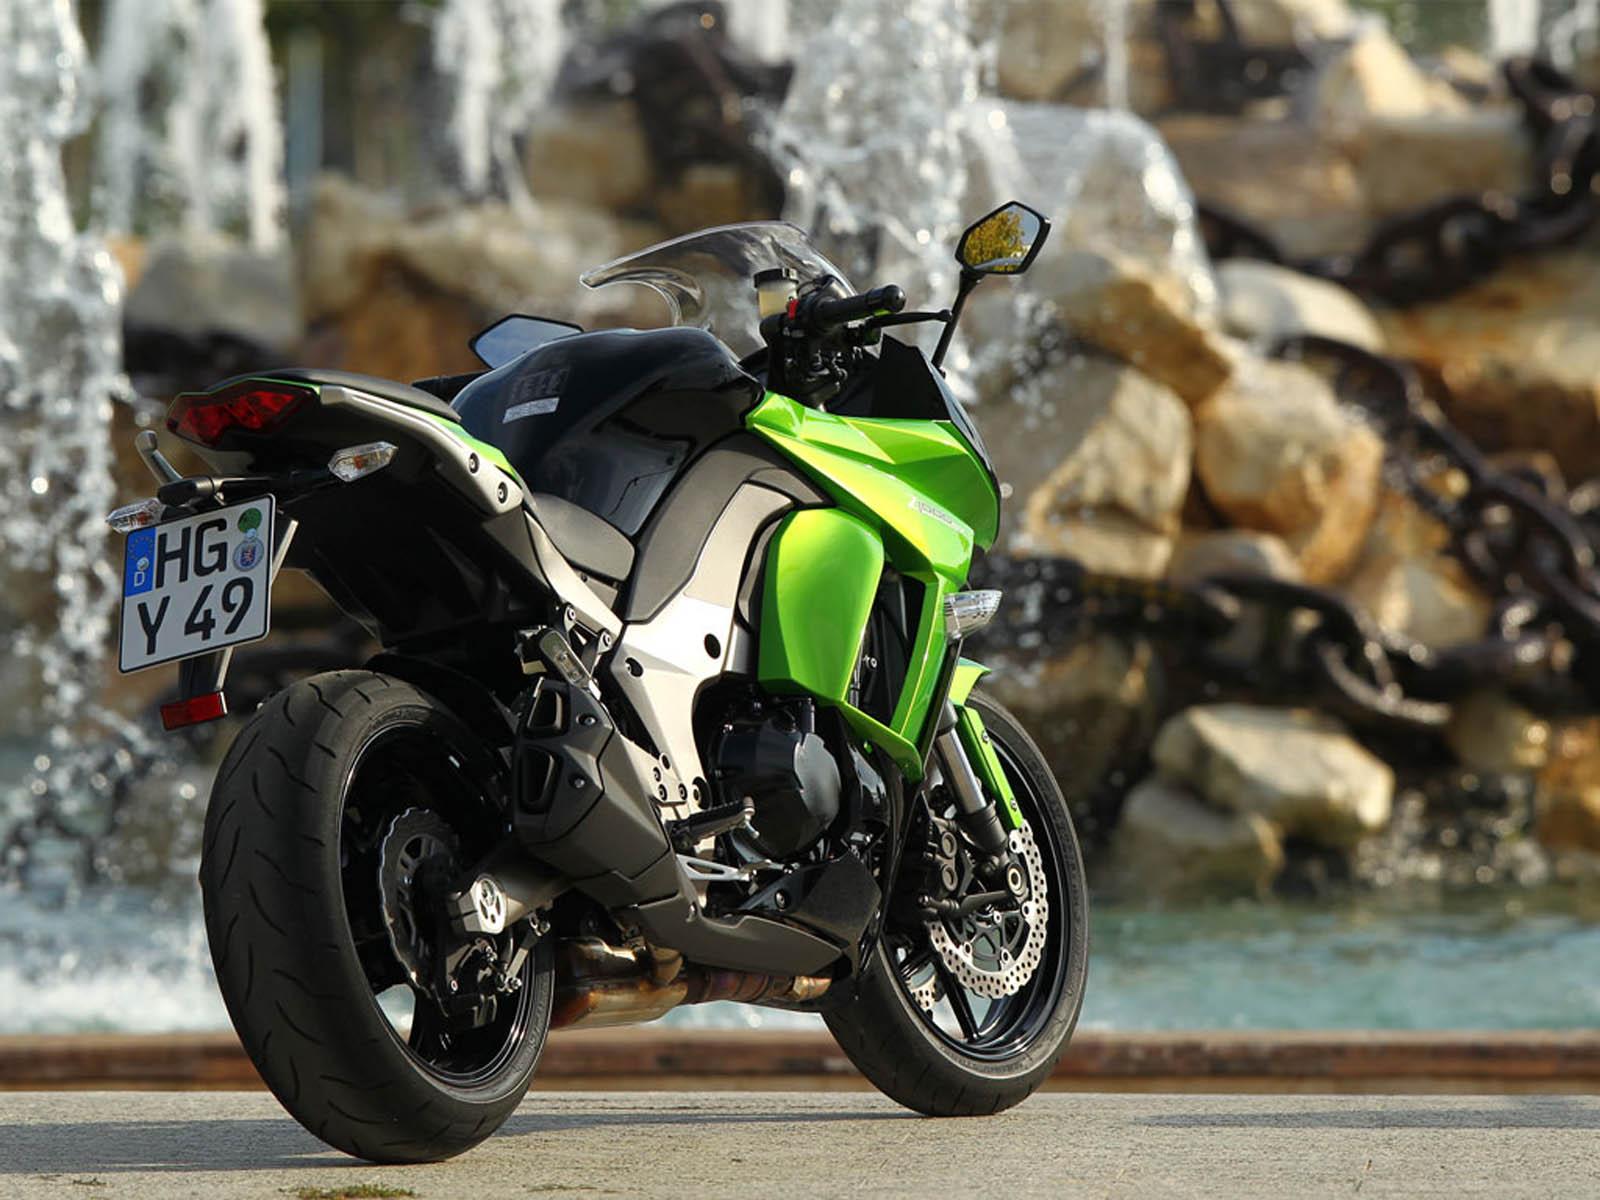 Insane Kawasaki Bike Hd Wallpaper: Wallpaper: Kawasaki Z1000sx Bike Paos